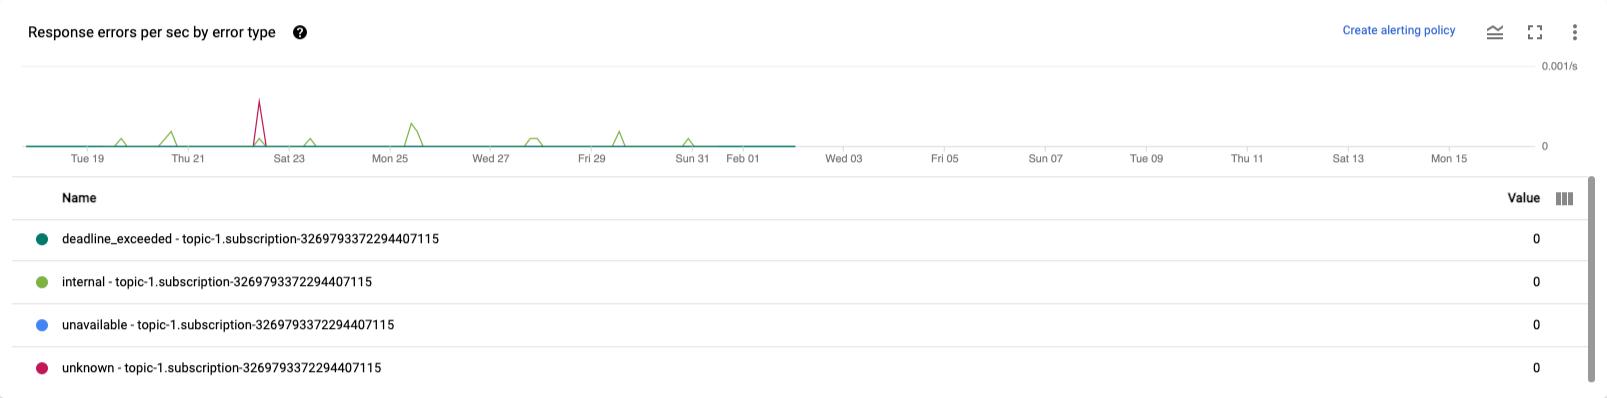 시간에 따라 소스 또는 싱크에서 데이터 읽기 또는 쓰기를 수행하는 실패한 API 요청 속도를 보여주는 차트입니다.